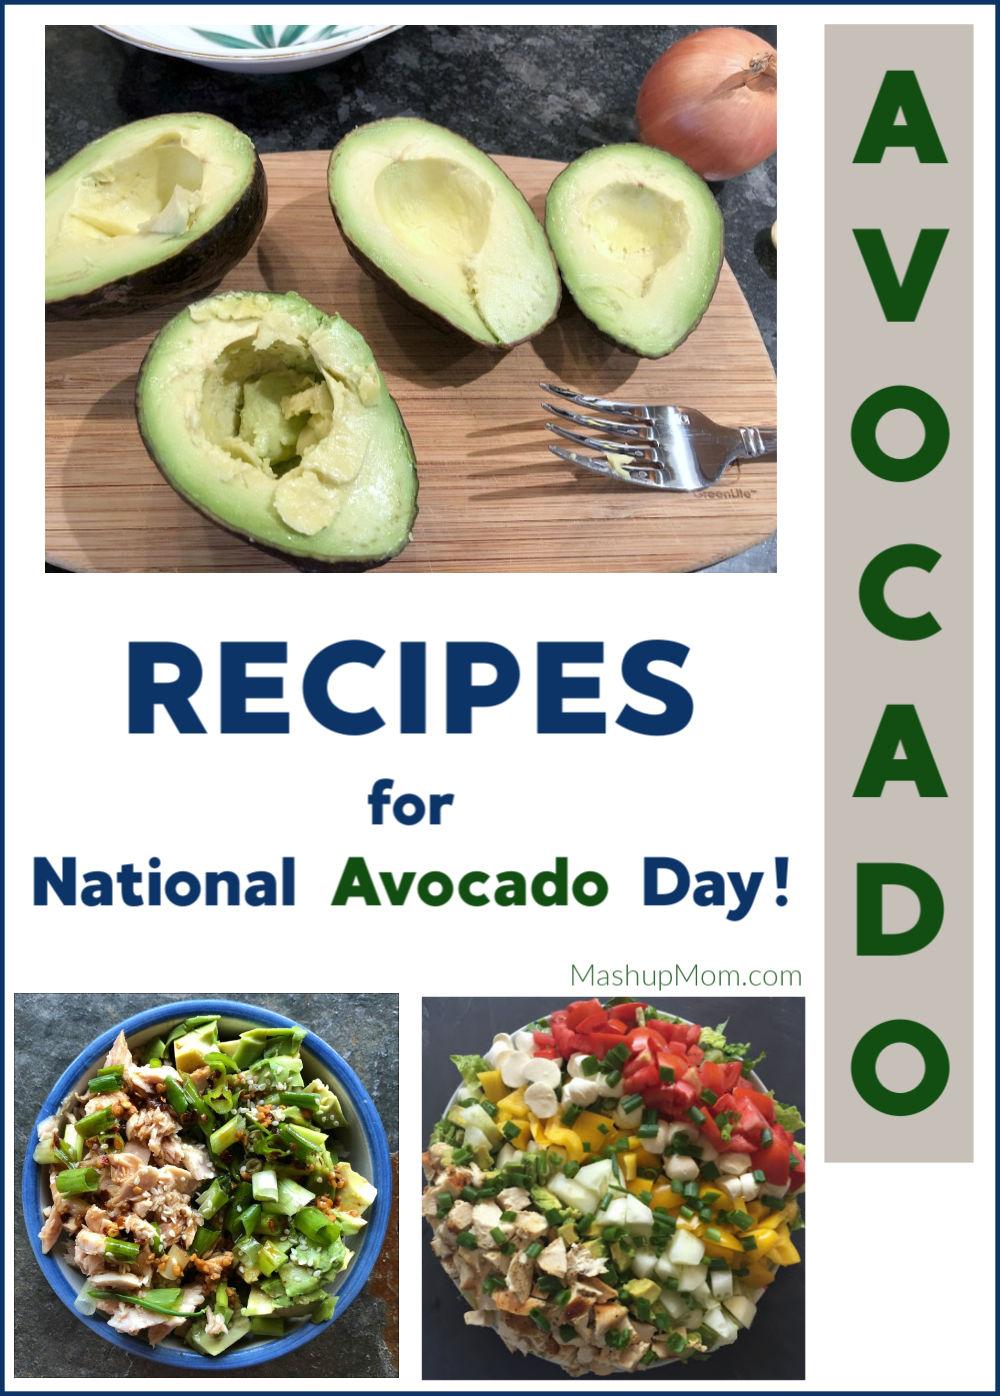 eleven avocado recipes for national avocado day